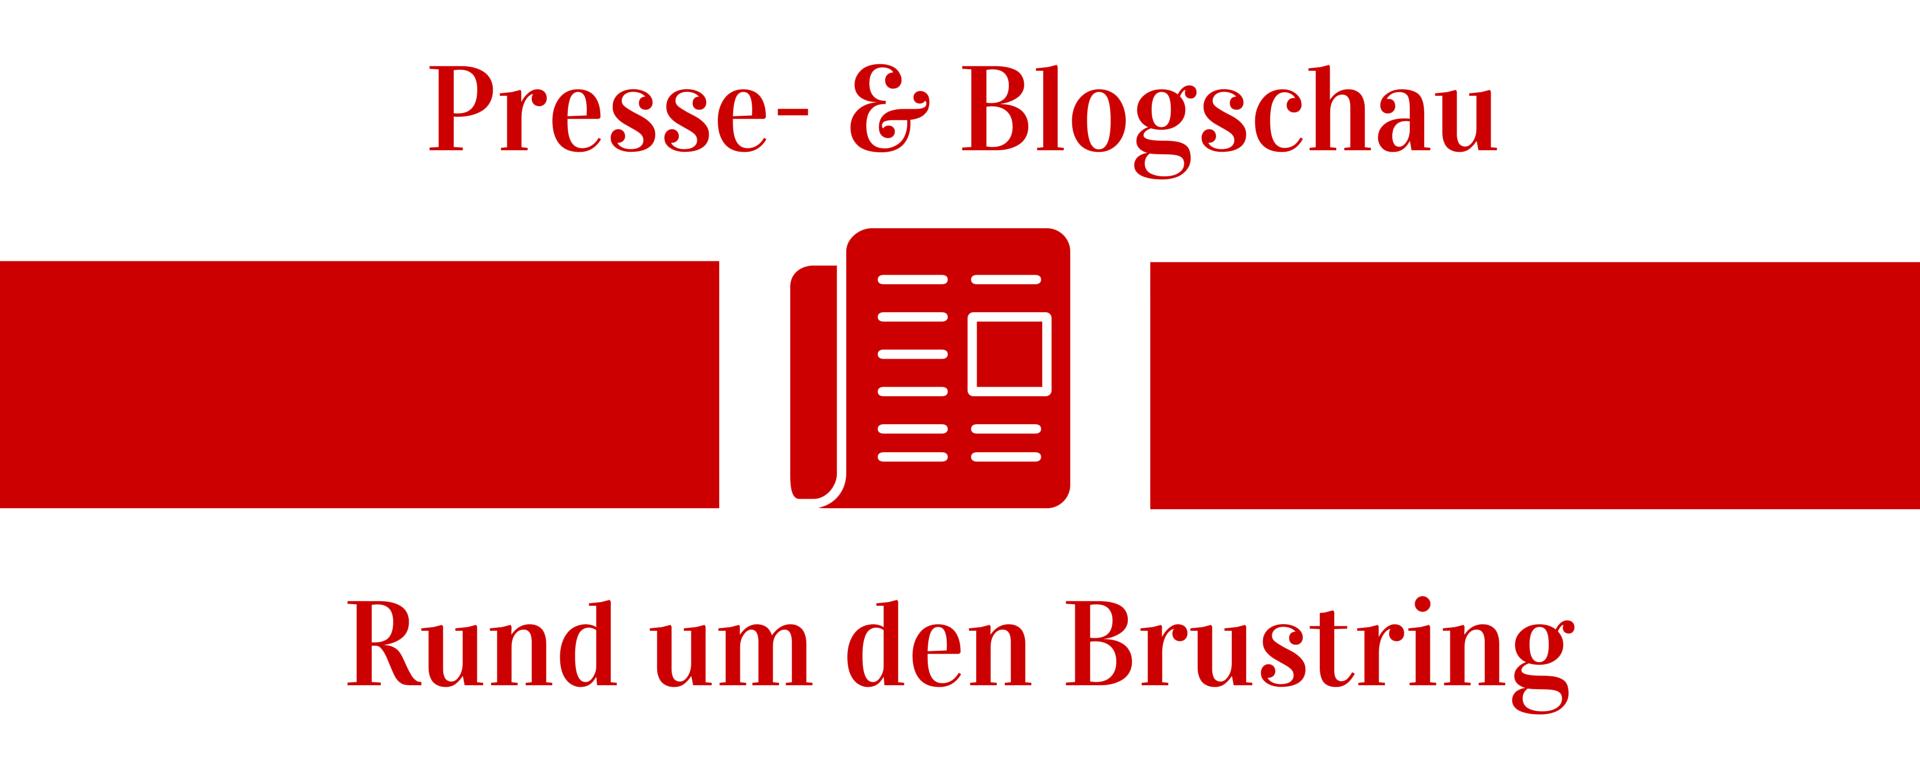 Die Ruhe vor dem Pflichtspiel-Sturm – Rund um den Brustring am Mittwoch, 5. August 2015